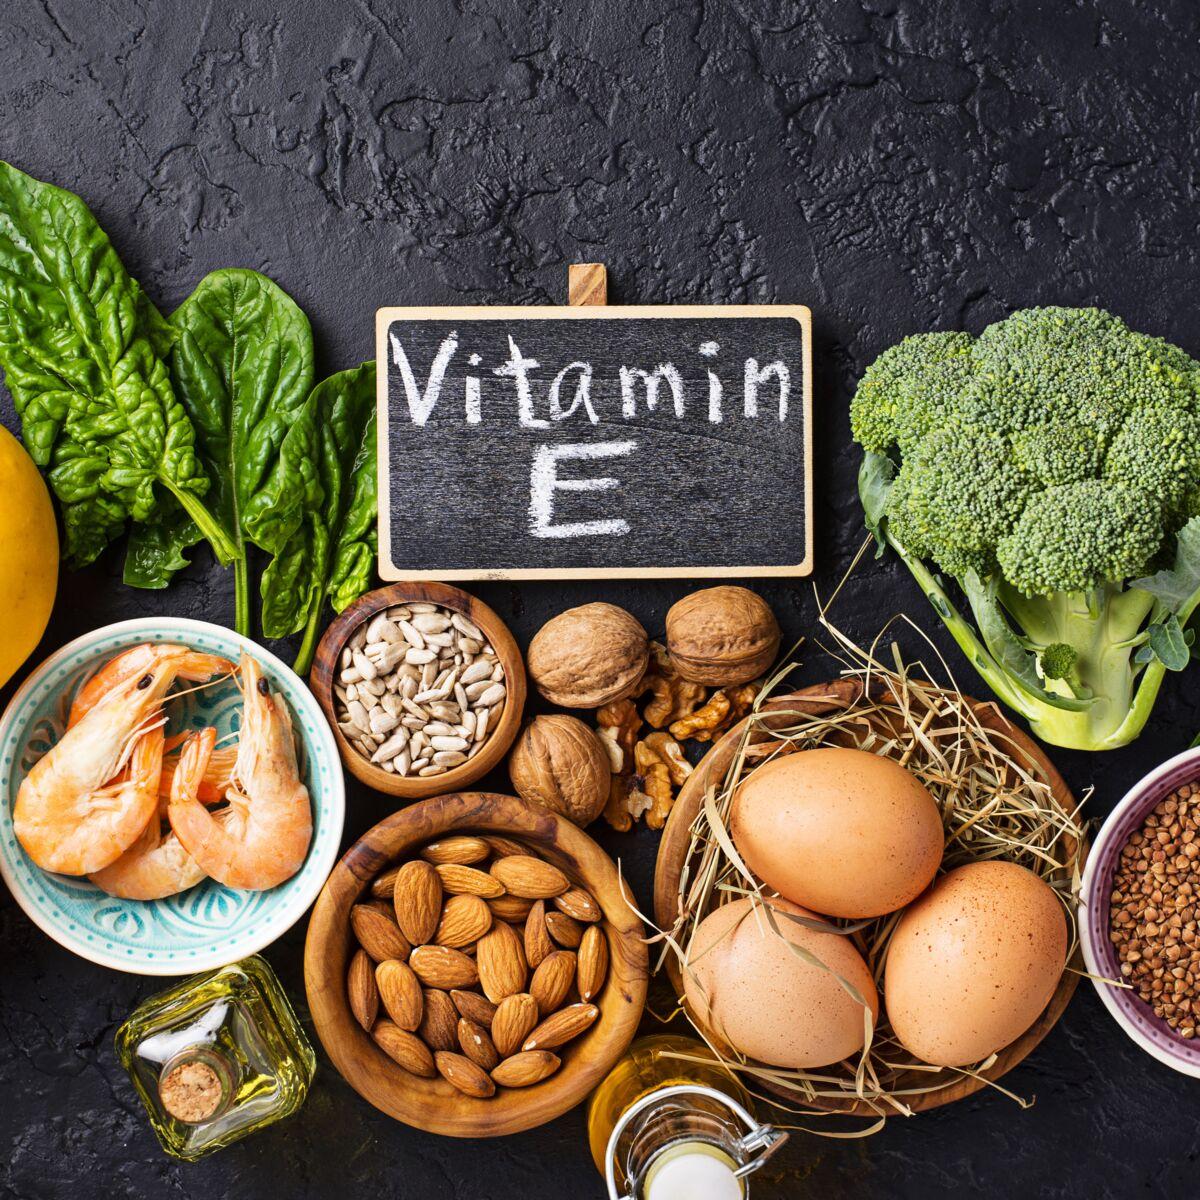 Les 20 aliments les plus riches en vitamine E : Femme Actuelle Le MAG